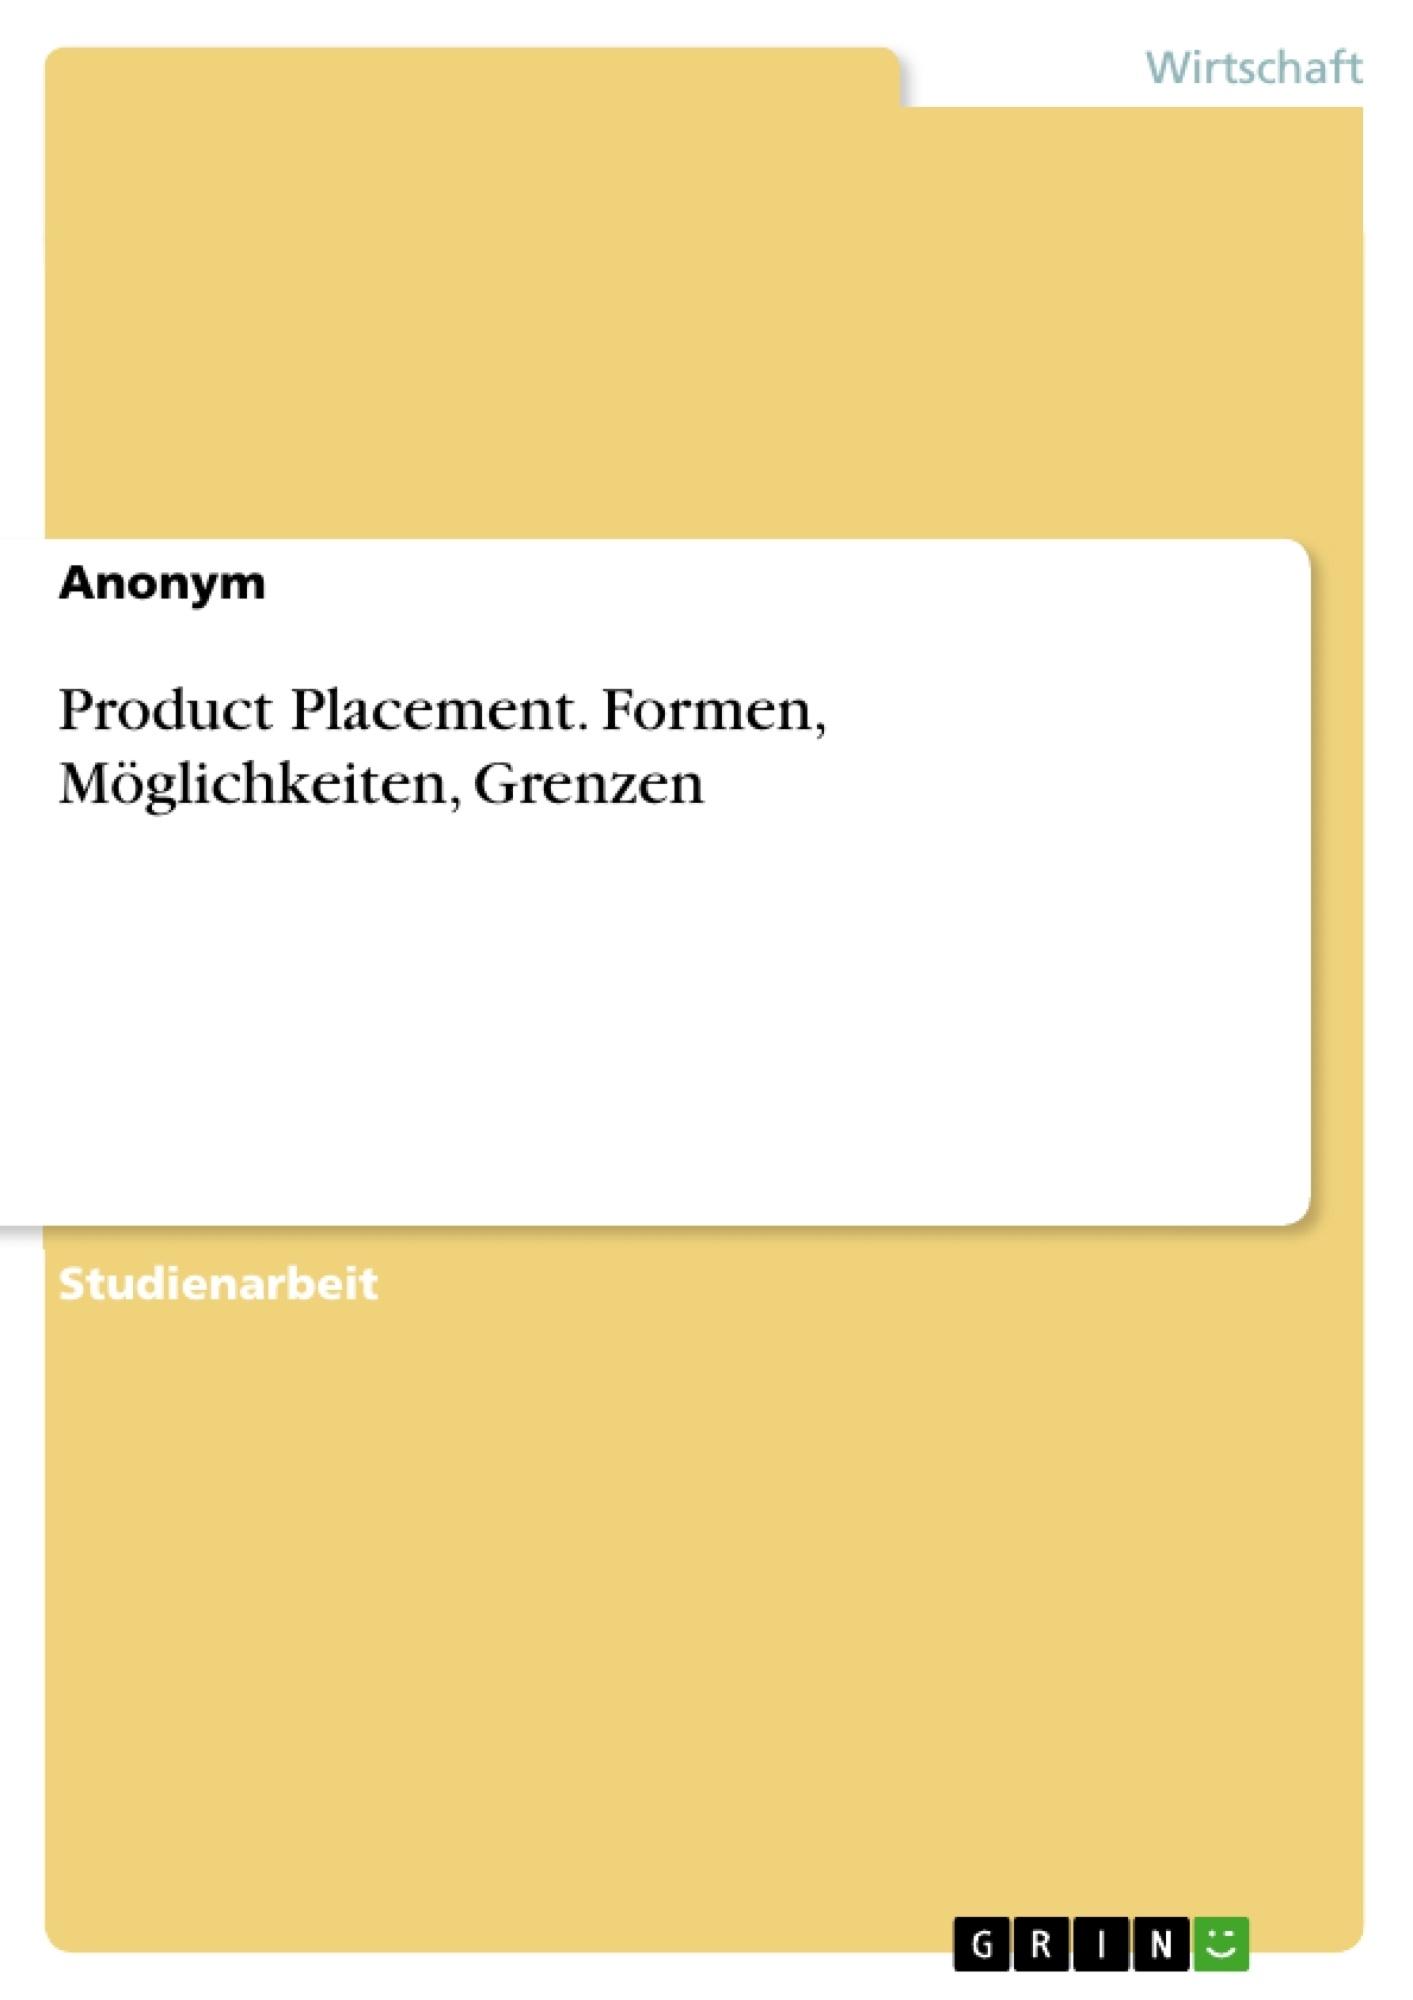 Titel: Product Placement. Formen, Möglichkeiten, Grenzen